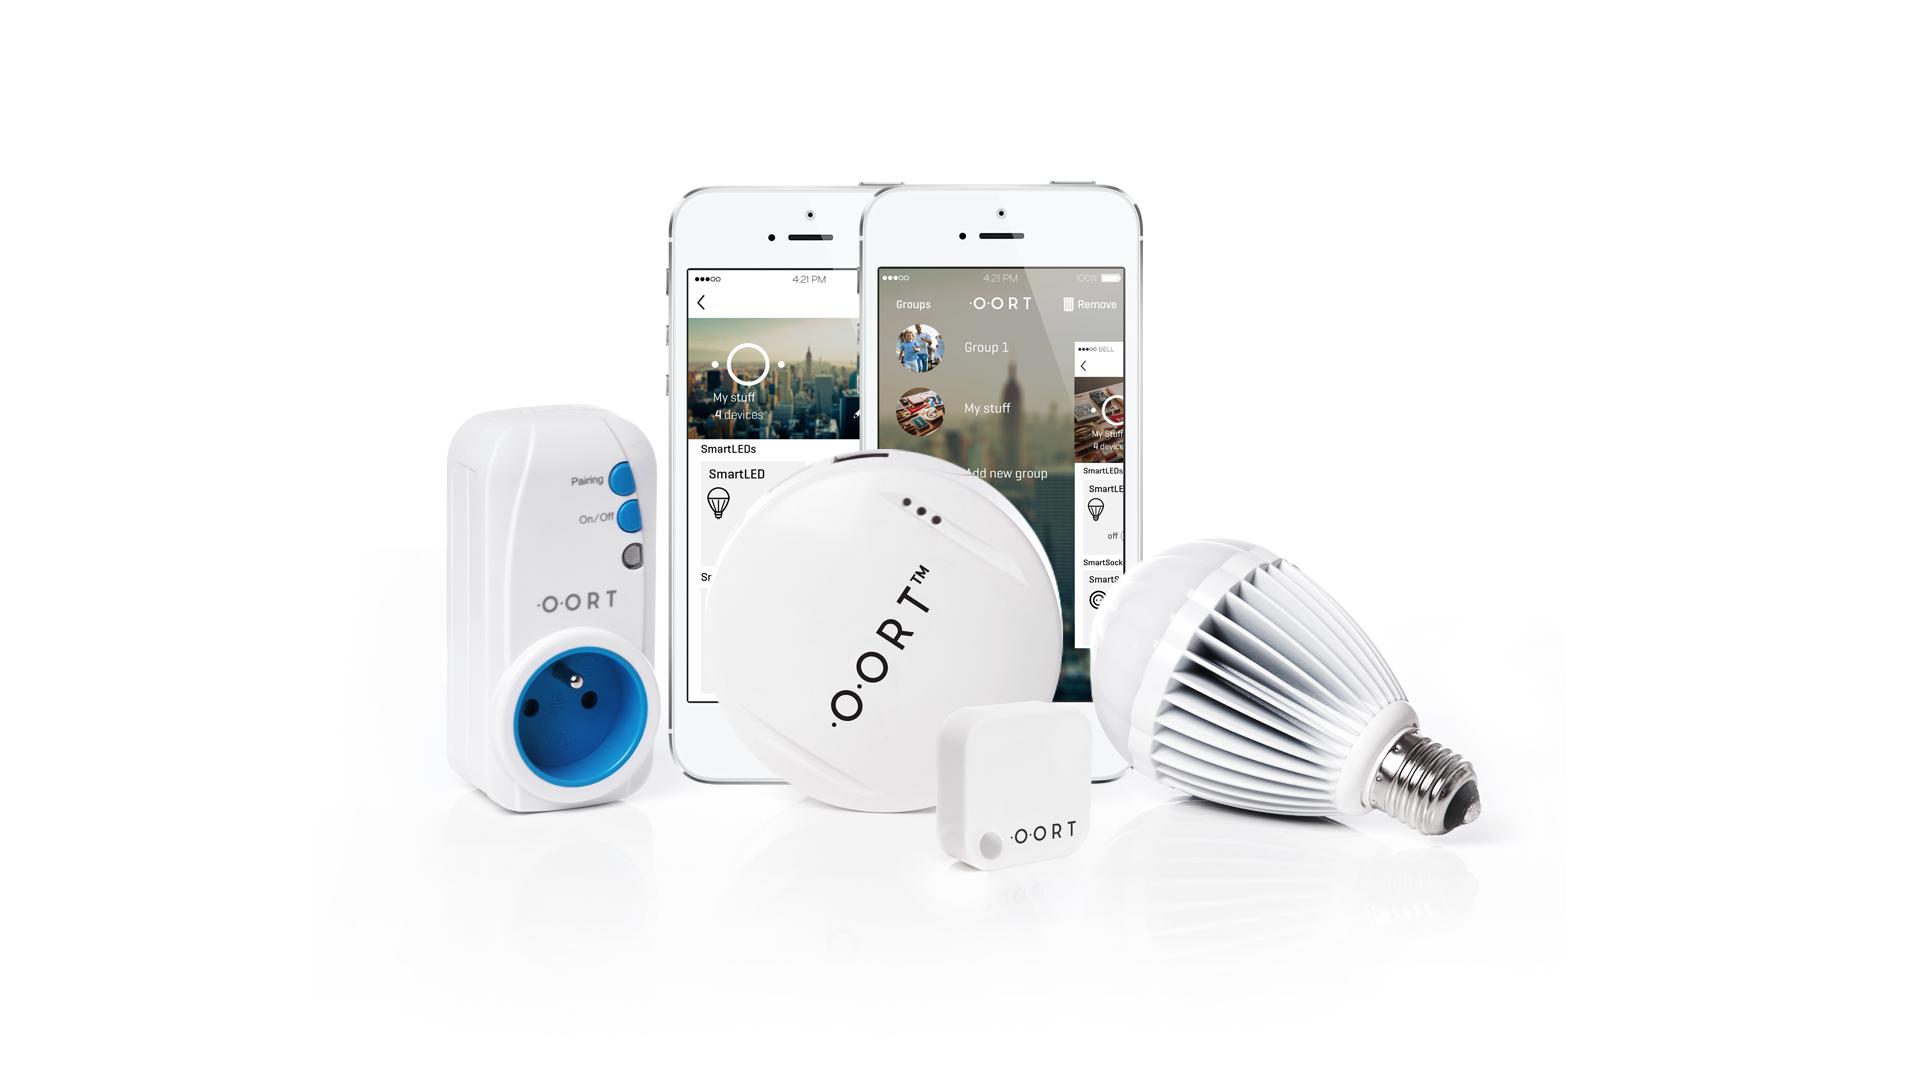 oort smart home system mit bluetooth smart. Black Bedroom Furniture Sets. Home Design Ideas